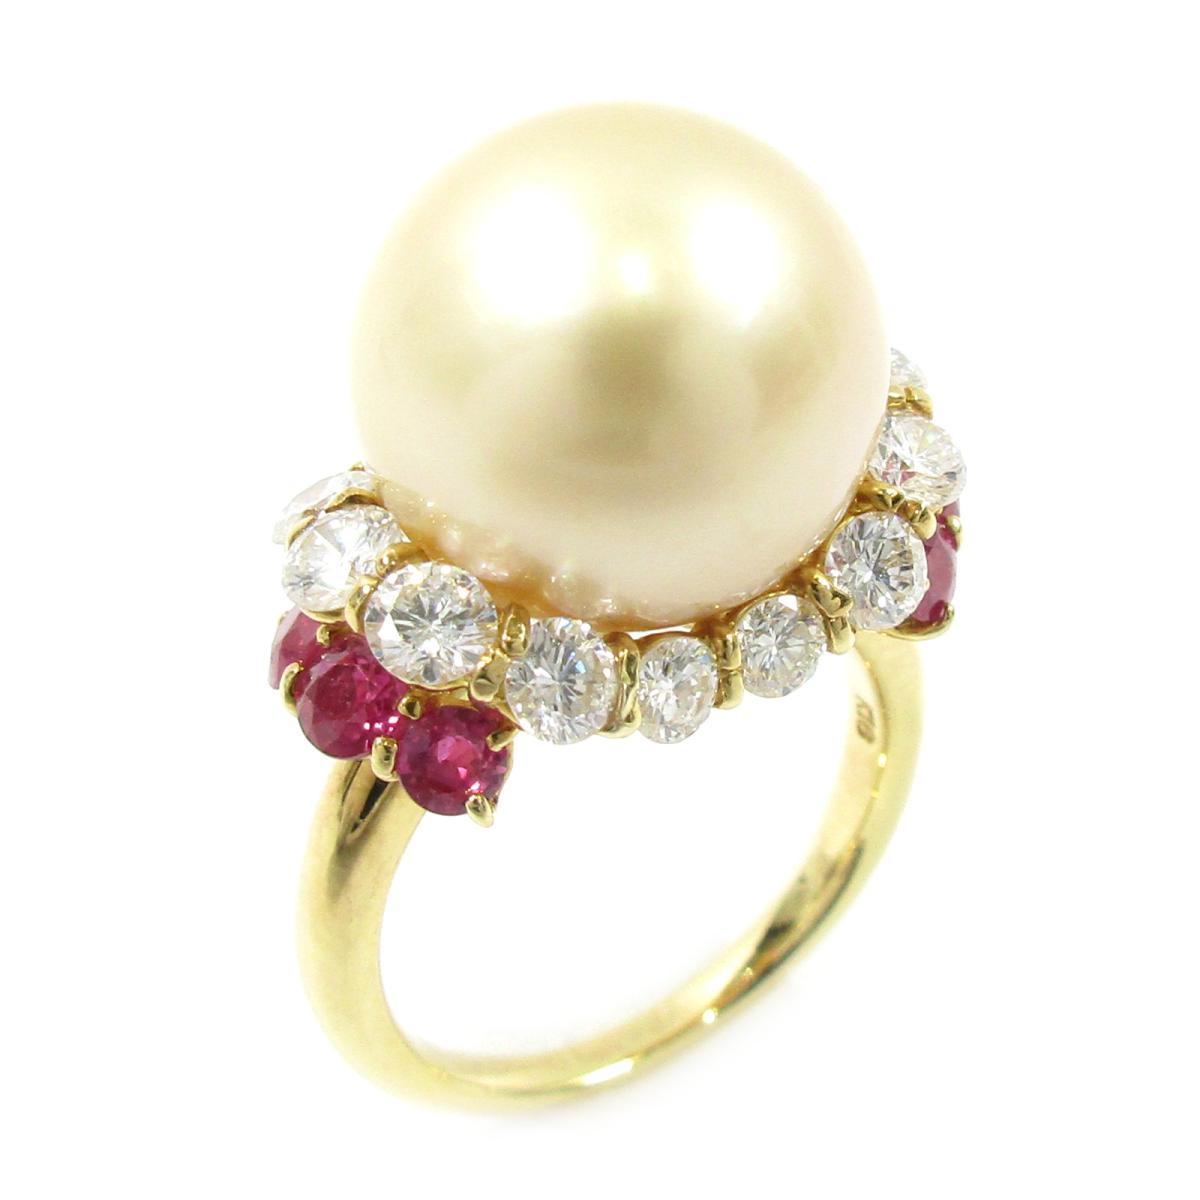 【中古】 ジュエリー パールリング 指輪 レディース K18YG (750) イエローゴールド X パール14.5mm ダイヤモンド1.73ct ルビー1.30ct ゴールド | JEWELRY BRANDOFF ブランドオフ アクセサリー リング